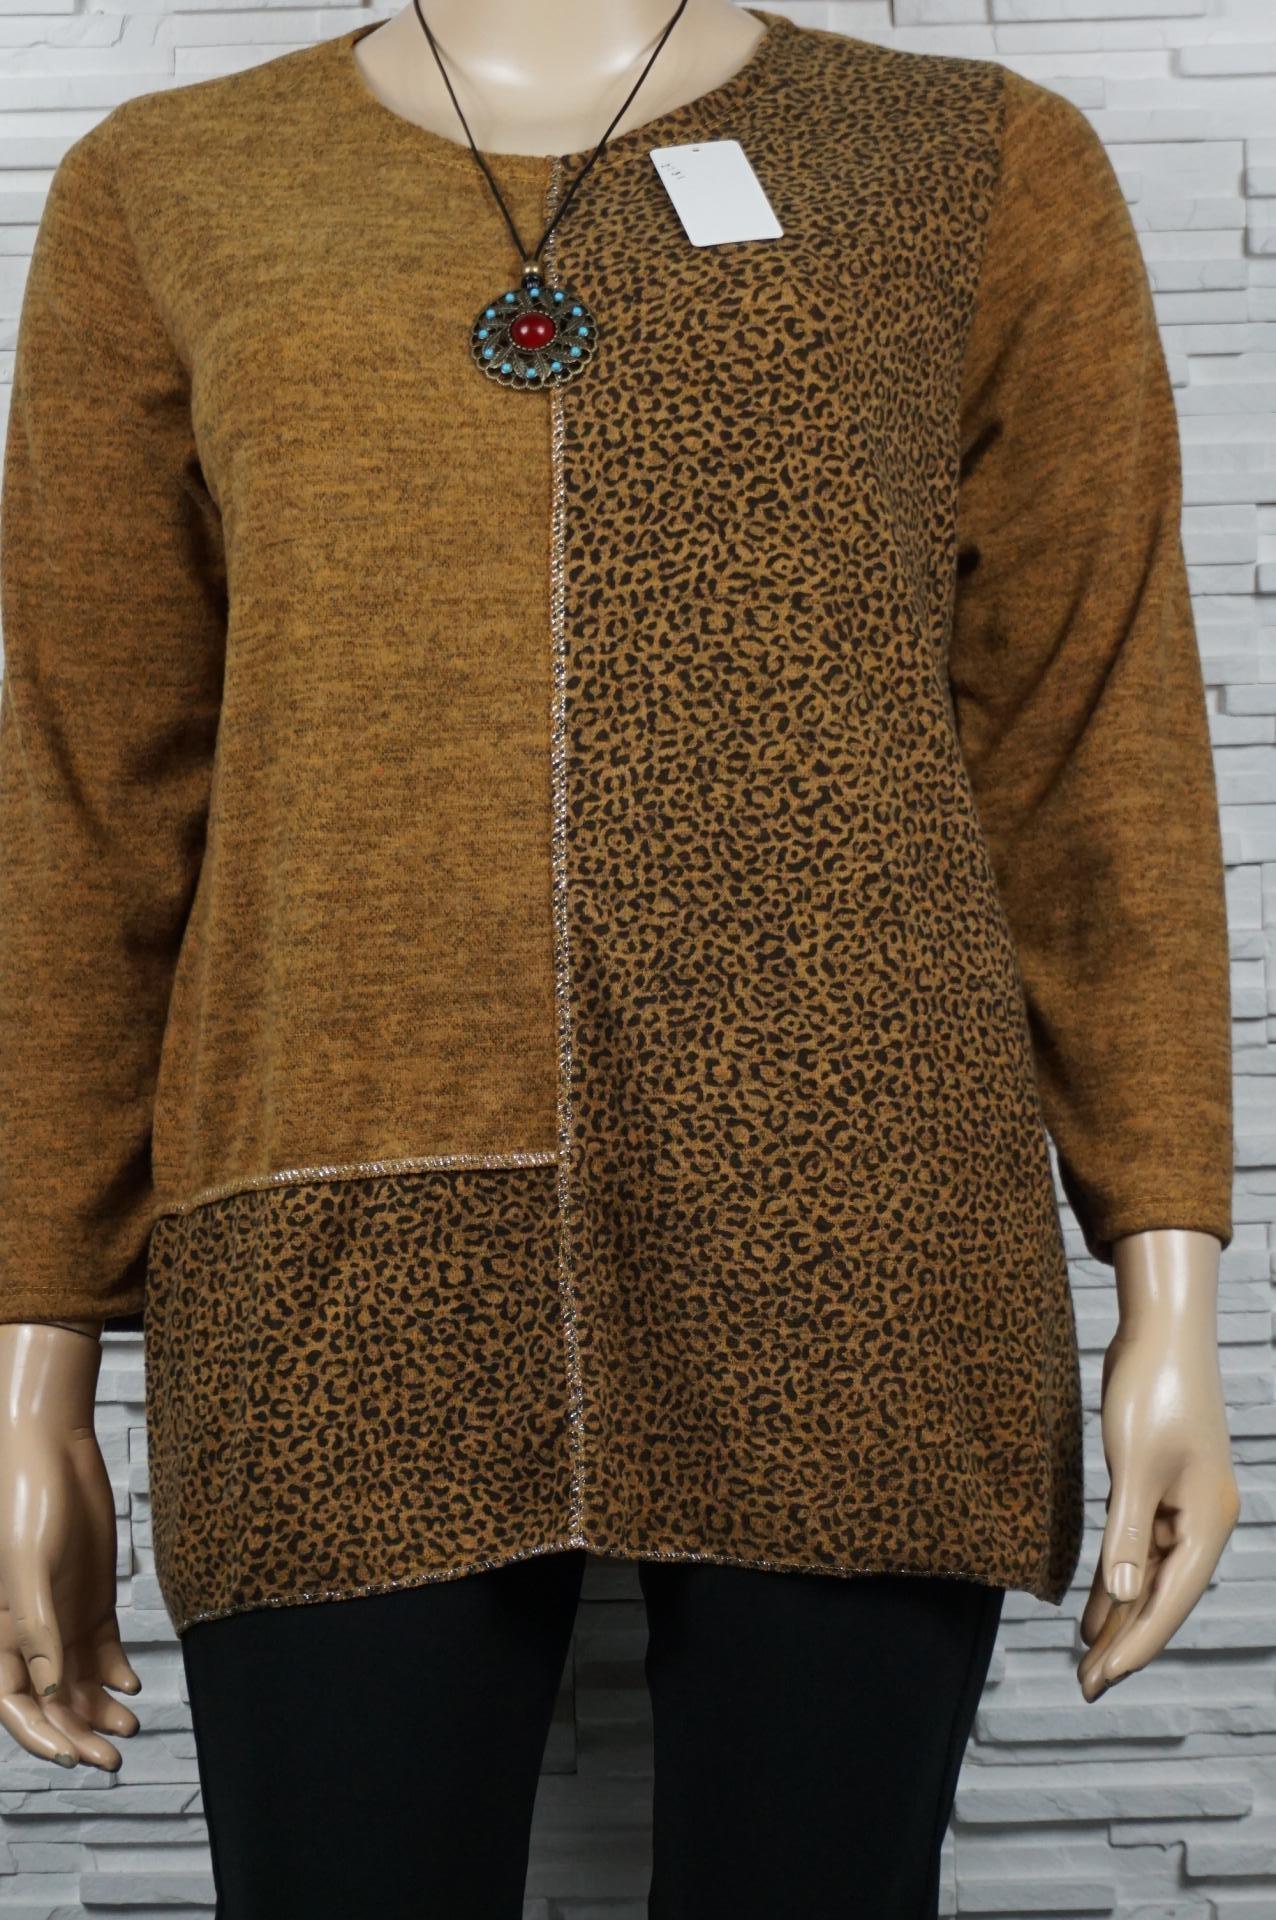 Tunique bi tons unie et léopard avec collier.